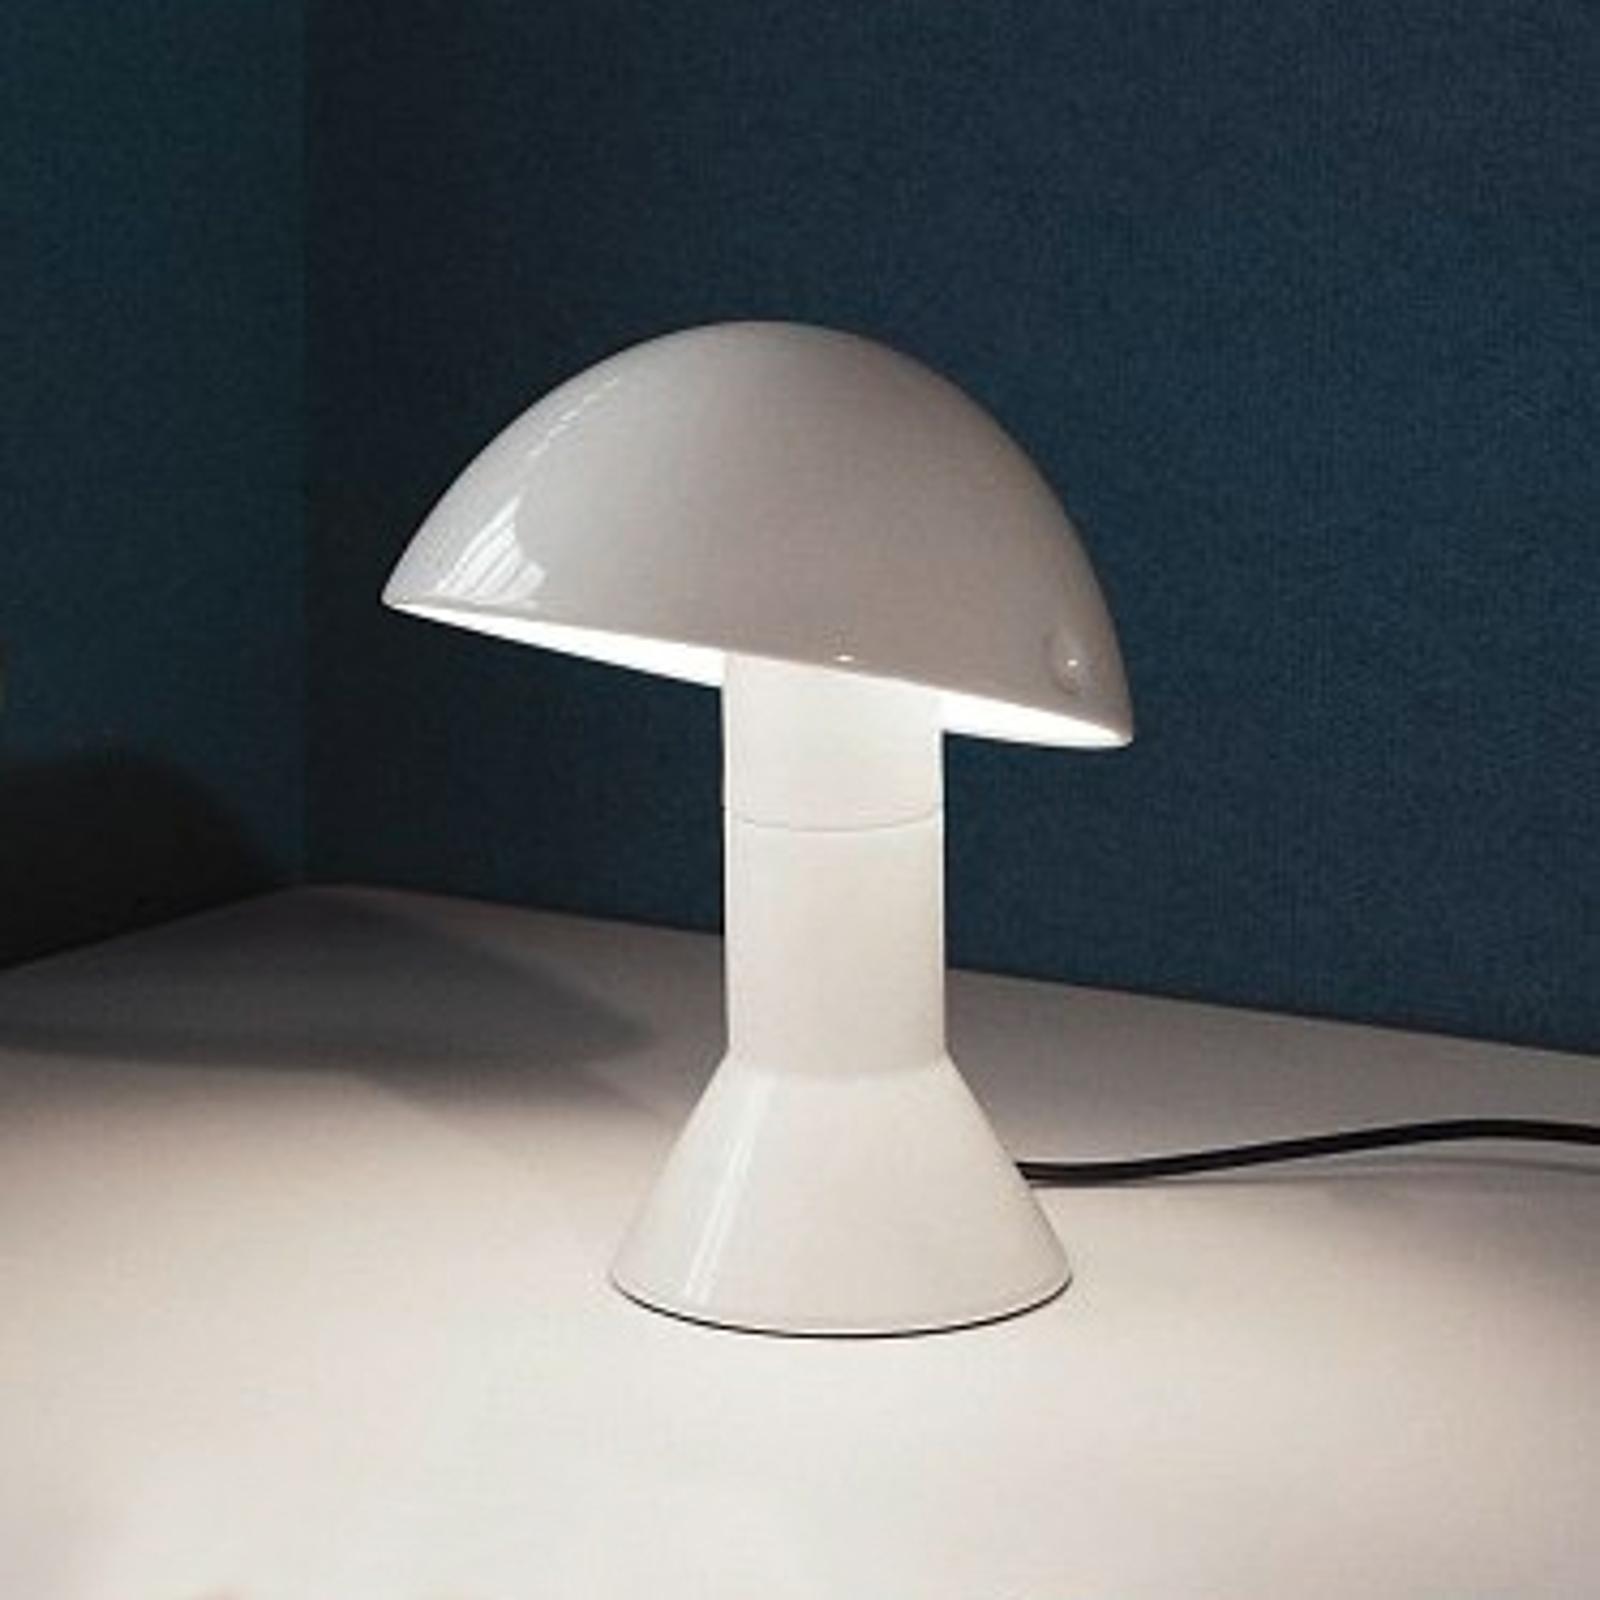 Lampe à poser design ELMETTO blanche